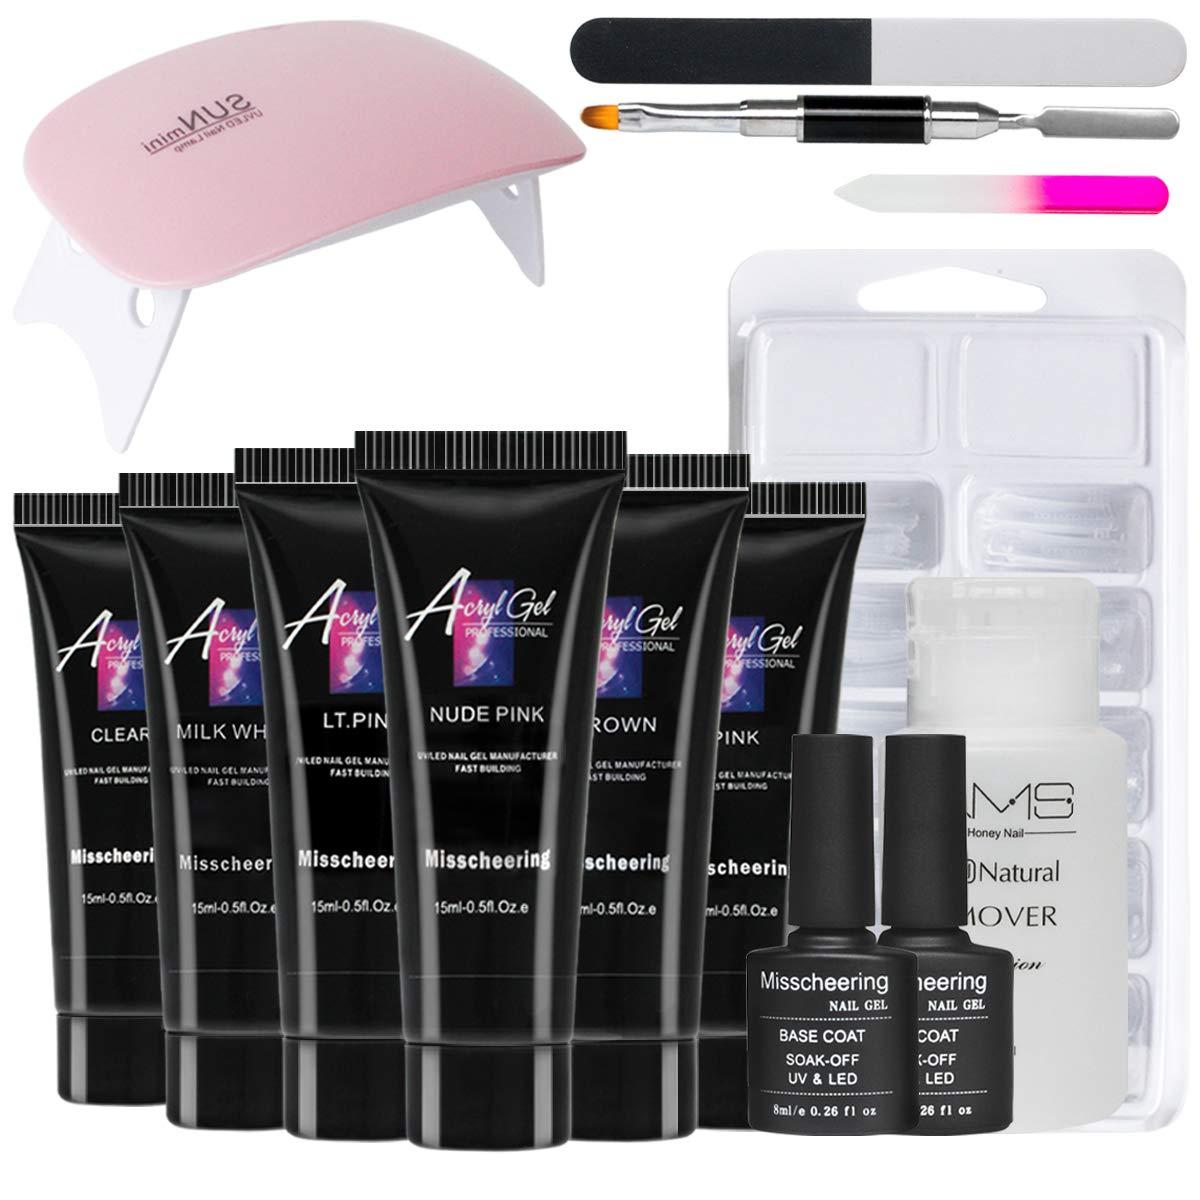 6 Colors x 15ml Polygel Nail Extension Starter Kit with UV/LED Lamp - Gel Nail Polish Kit Set, Professional Nail Art Equipment, DIY Gel False Nails Kit, Extension Nail Builder, Manicure Kit